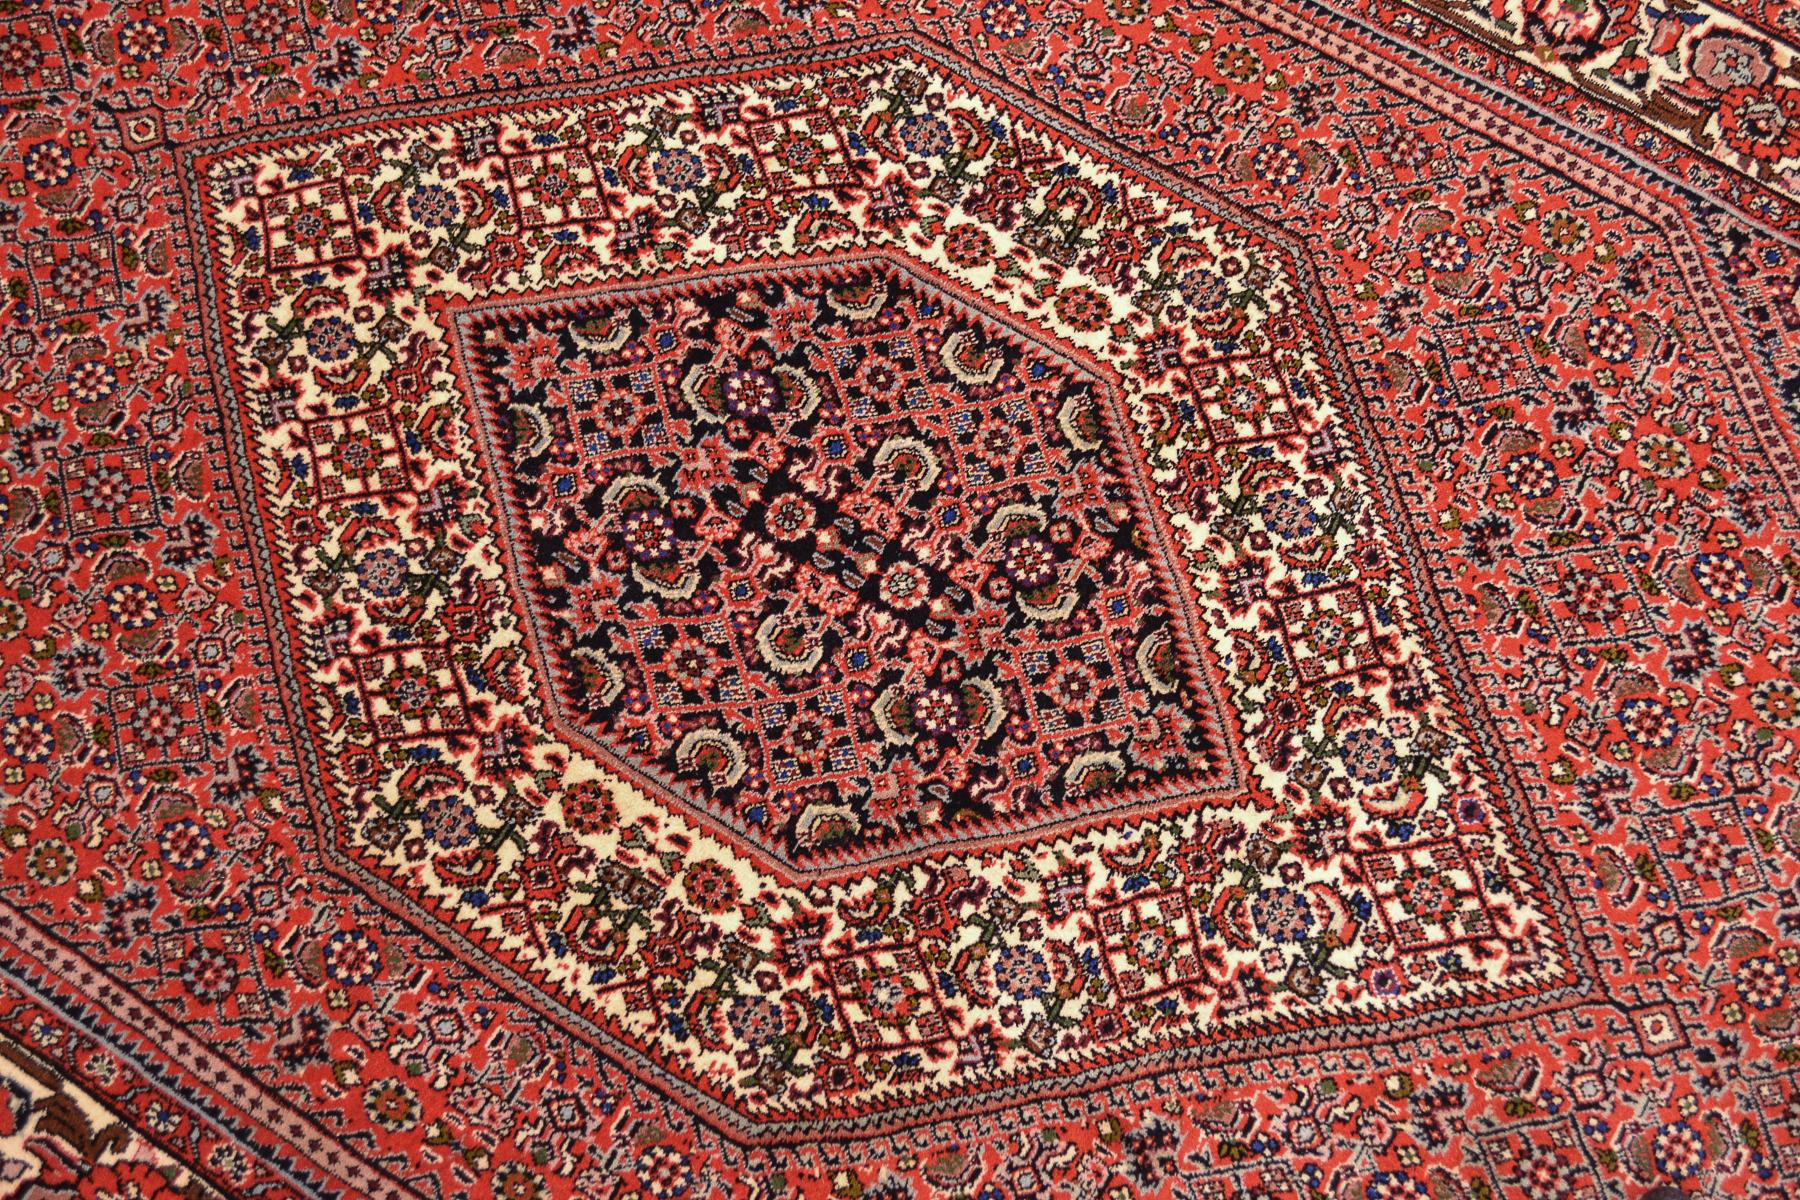 Fine Persian Bidjar Rug 1 83x1 13m 6ftx4ft The